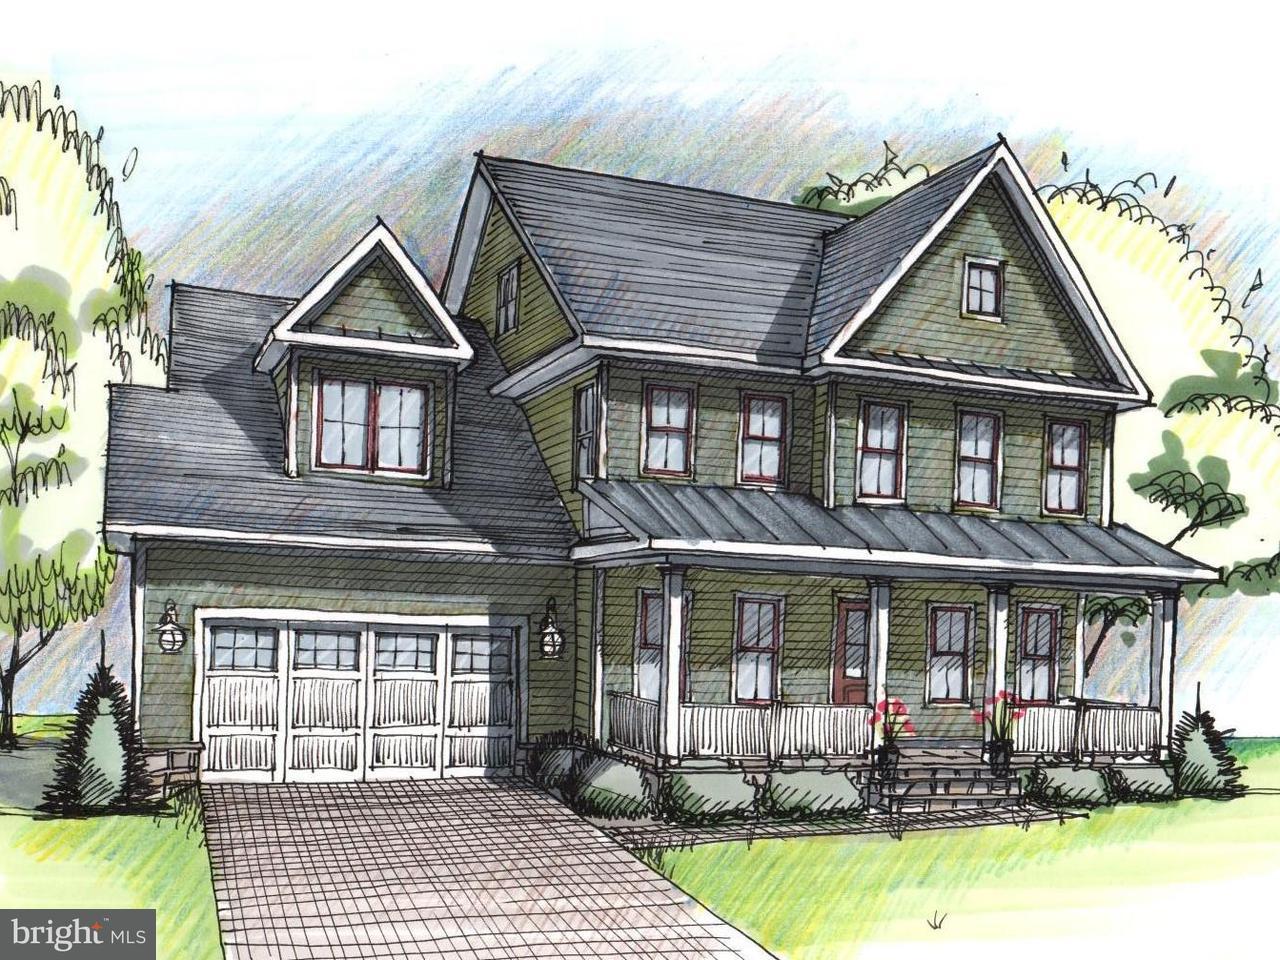 Single Family Home for Sale at 3506 DINWIDDIE ST N 3506 DINWIDDIE ST N Arlington, Virginia 22207 United States